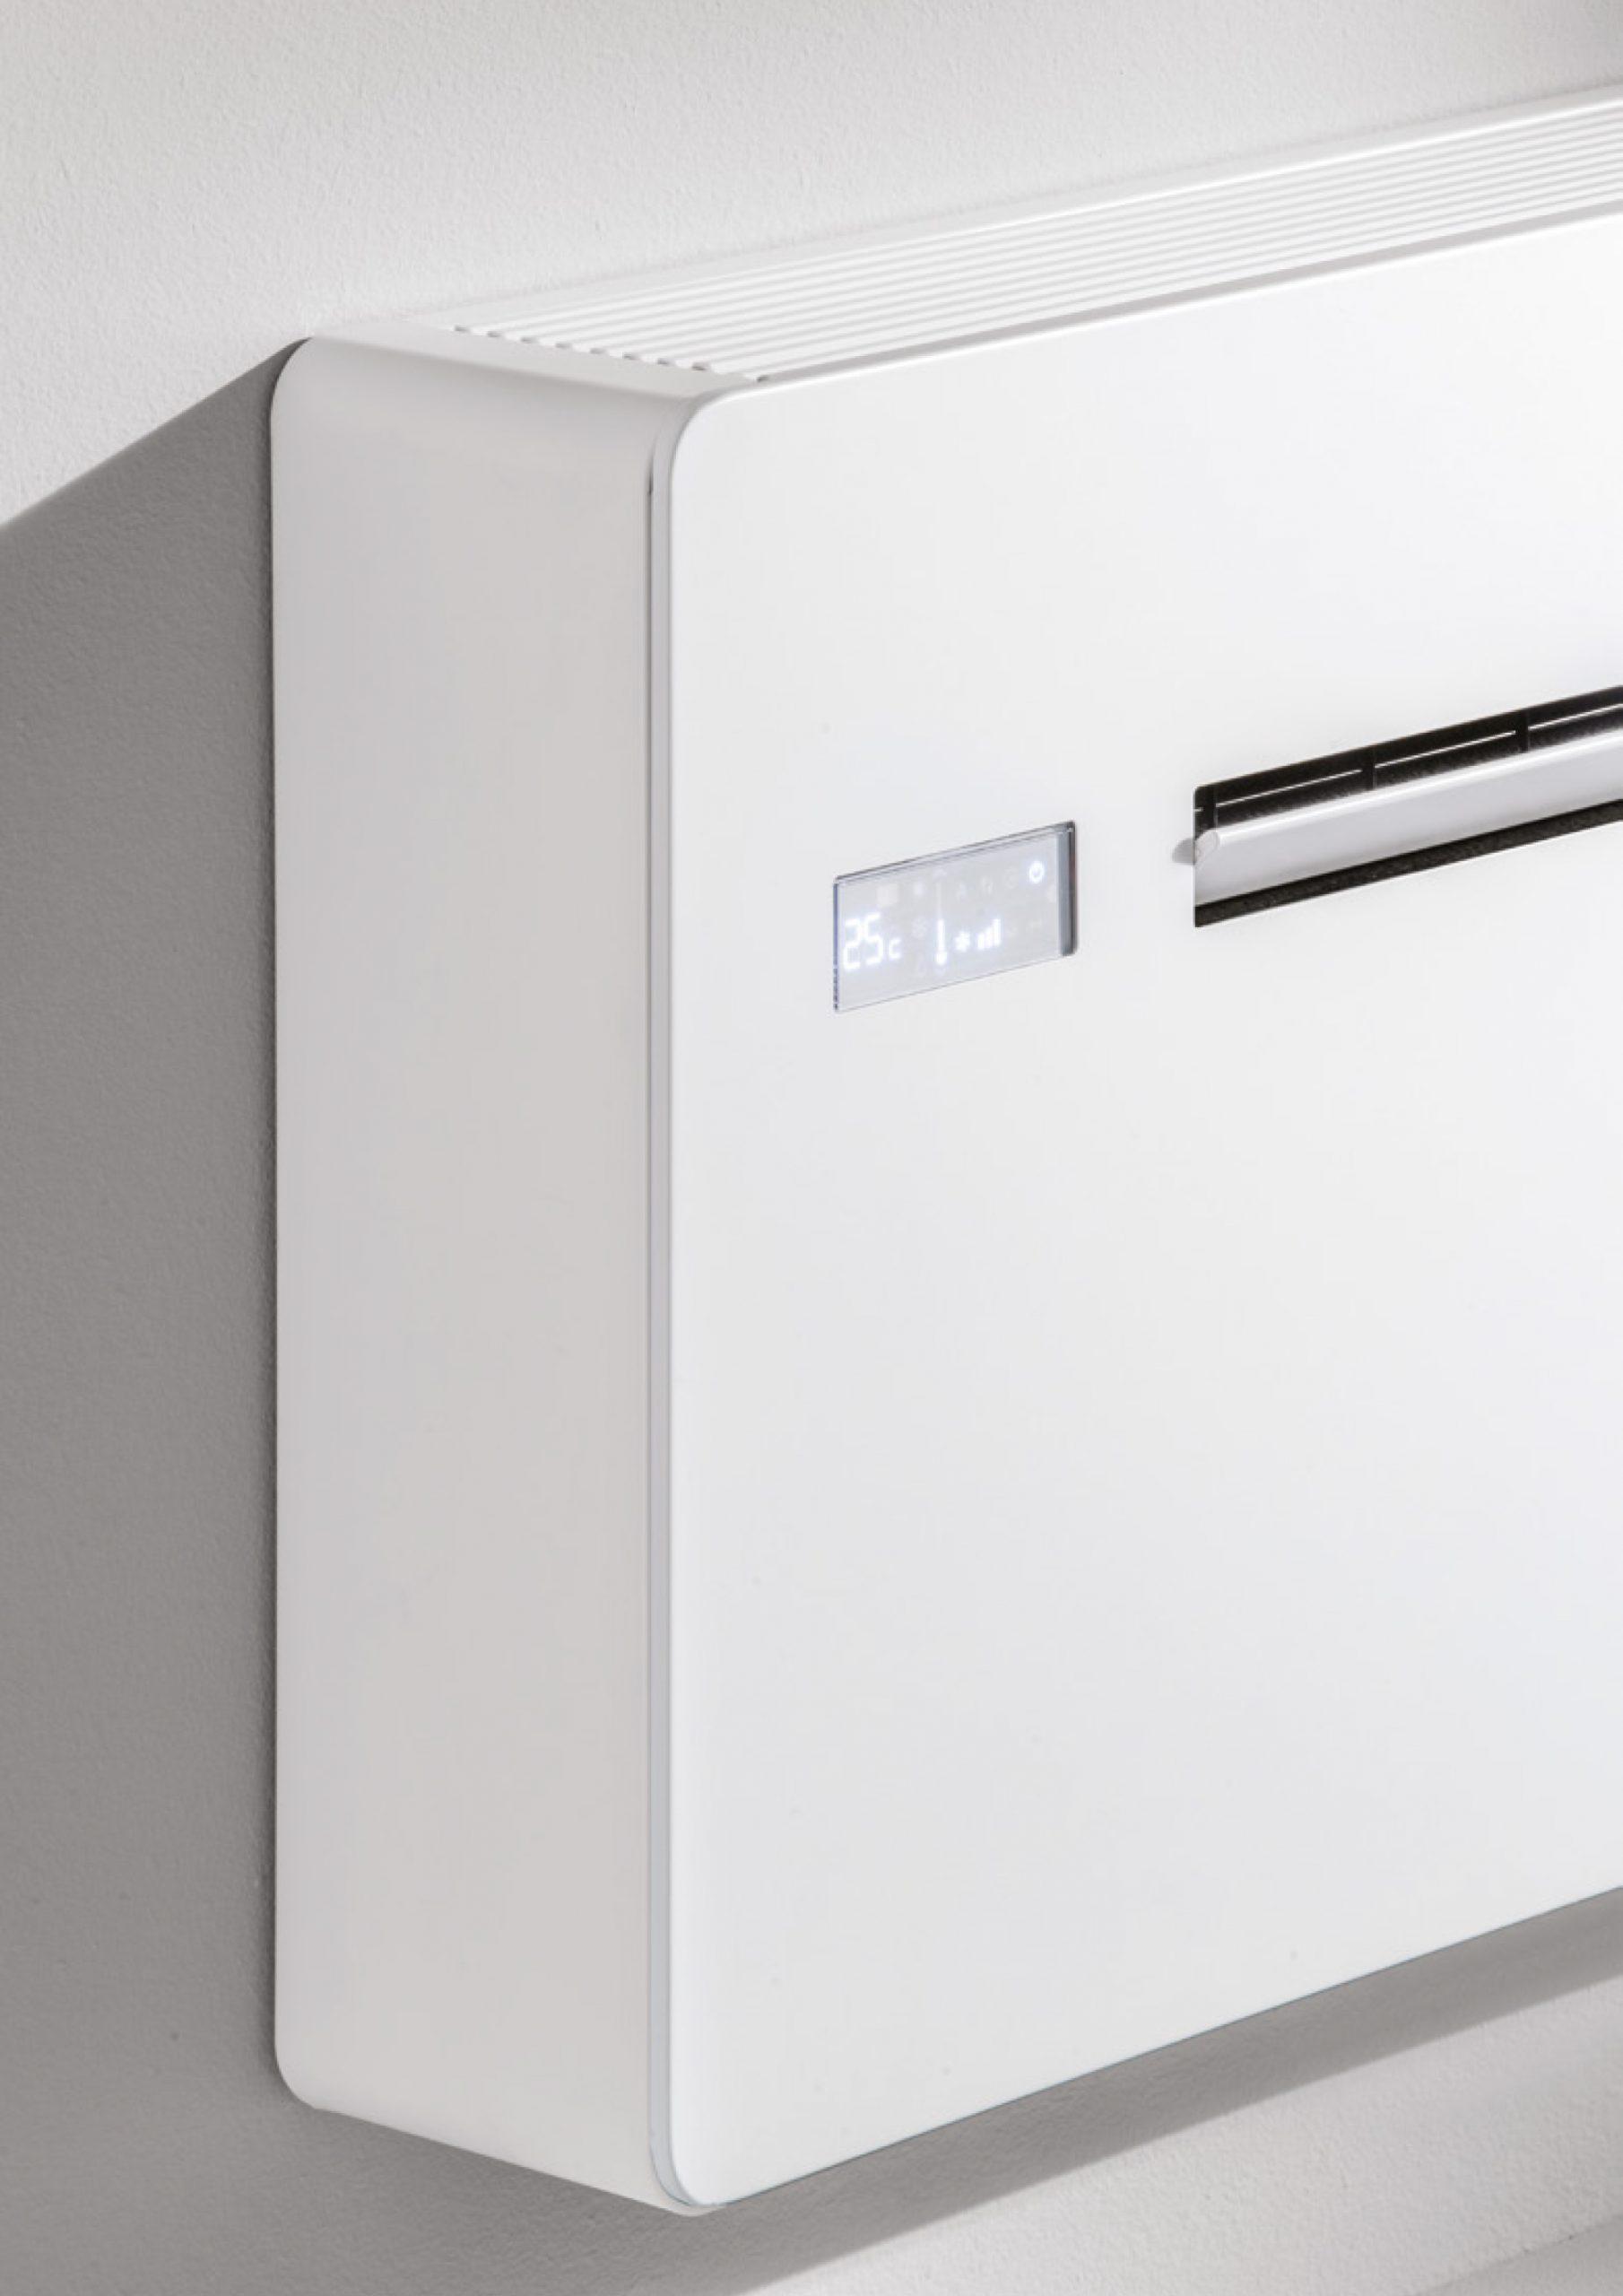 airco met verwarming